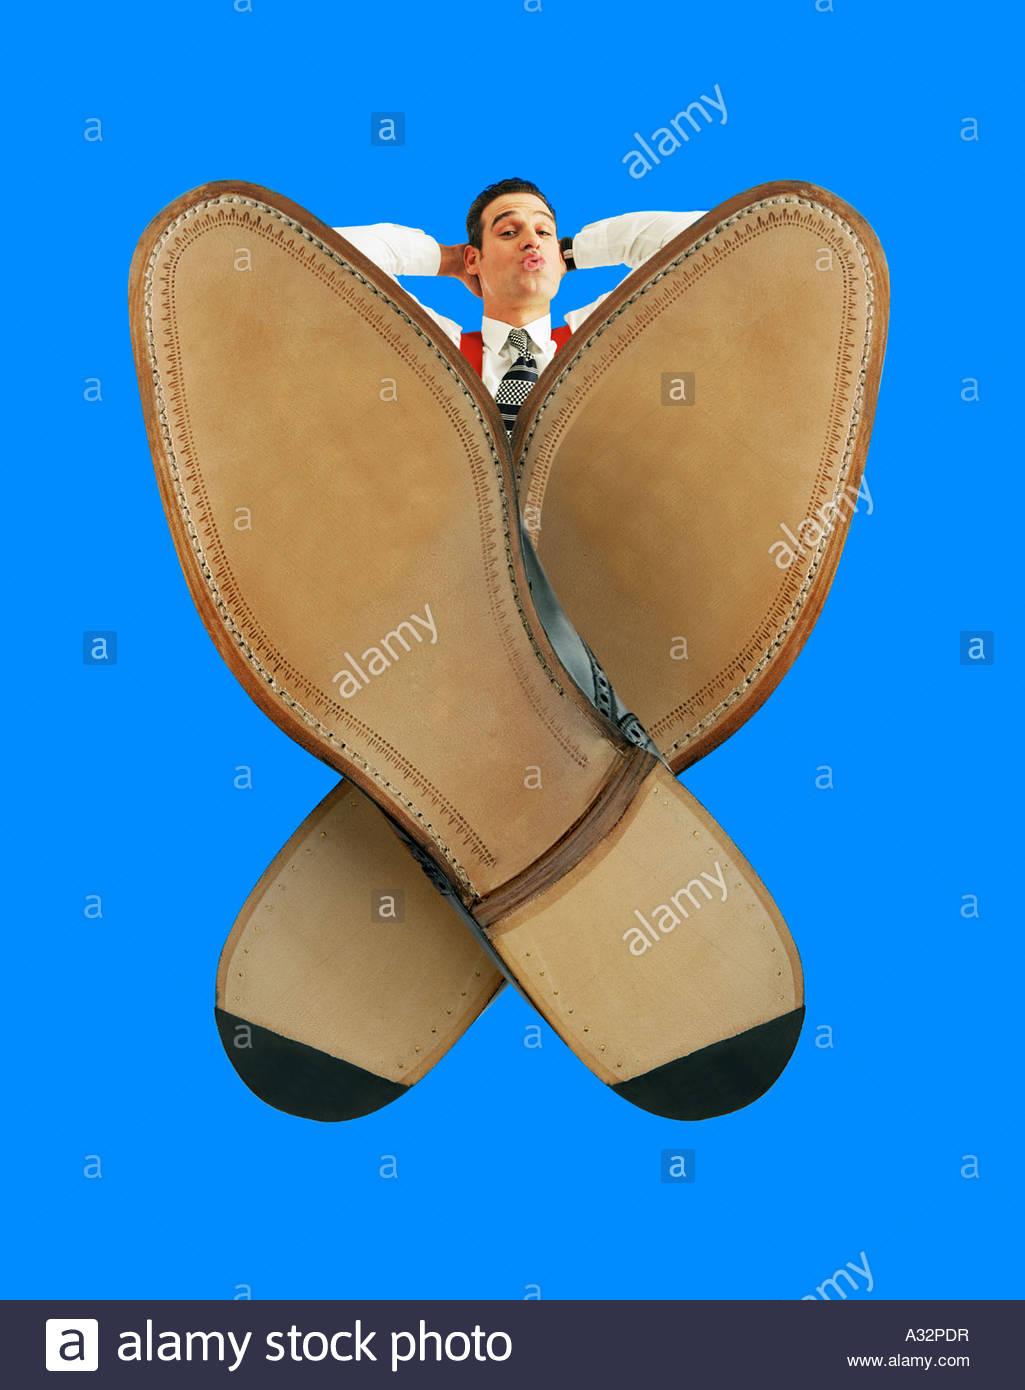 Ambiance à la homme avec ses pieds sur le bureau, traversa la mer. Extreme effet grand-angle. Photo Stock